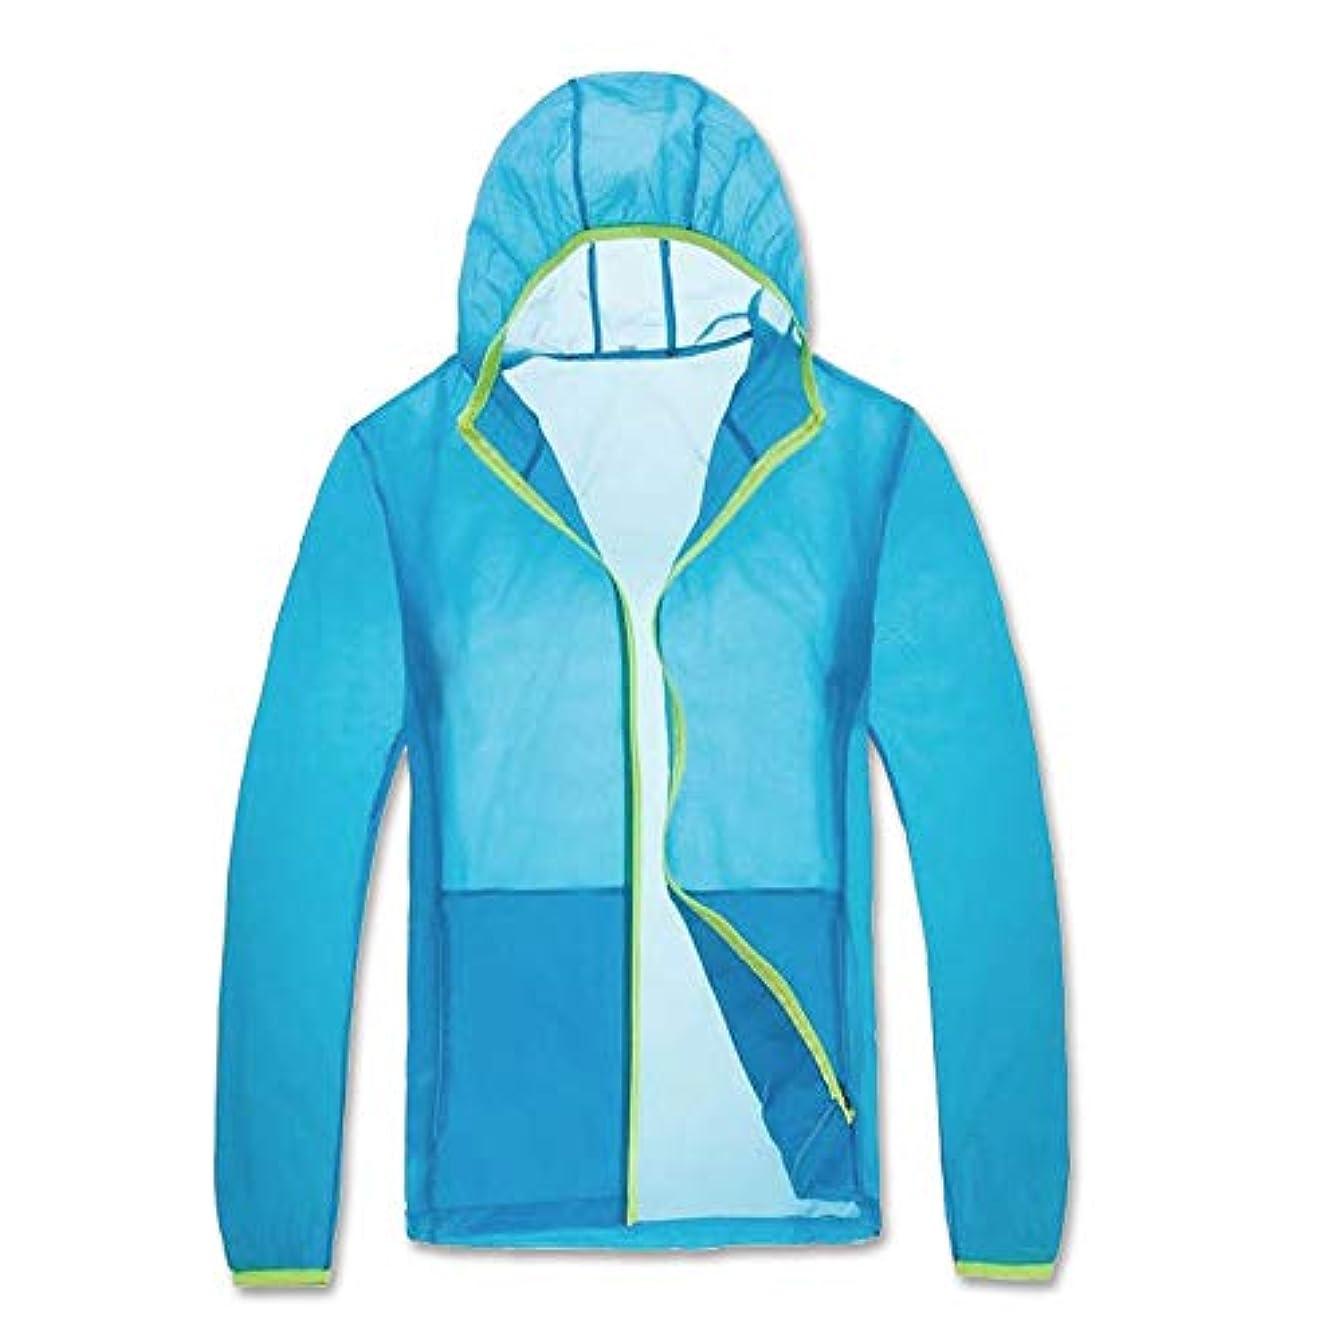 アーチ実用的ドーム夏のエアコン衣類ファン冷却衣服冷却ジャケット日焼け止め防蚊防水ジャケットスキンコート,Blue,L